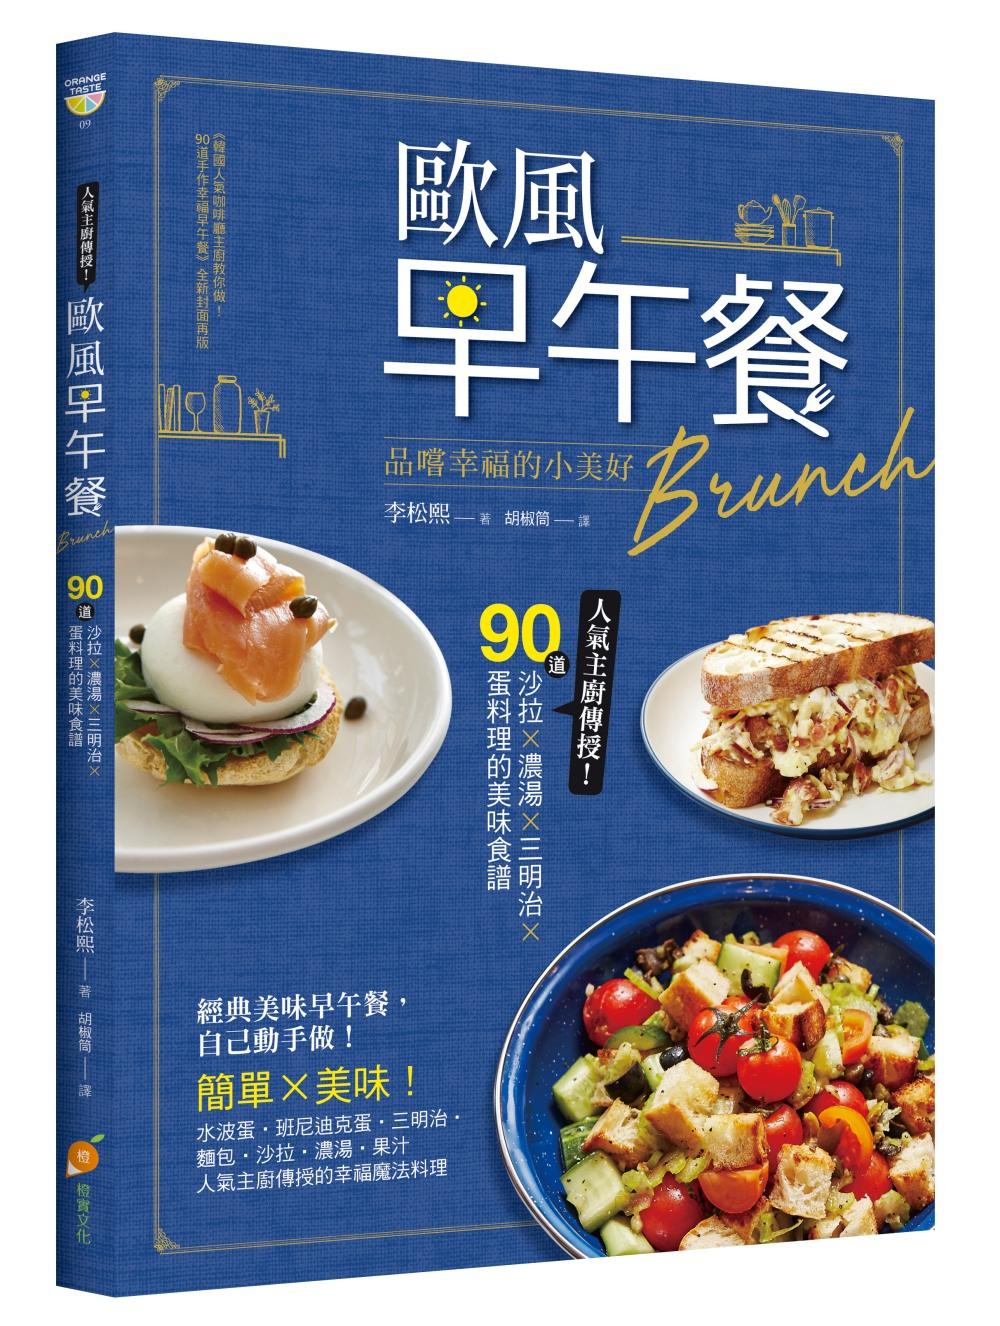 《歐風早午餐Brunch:品嚐幸福的小美好!人氣主廚傳授!90道沙拉X濃湯X三明治X蛋料理的美味食譜》 商品條碼,ISBN:9789869573436